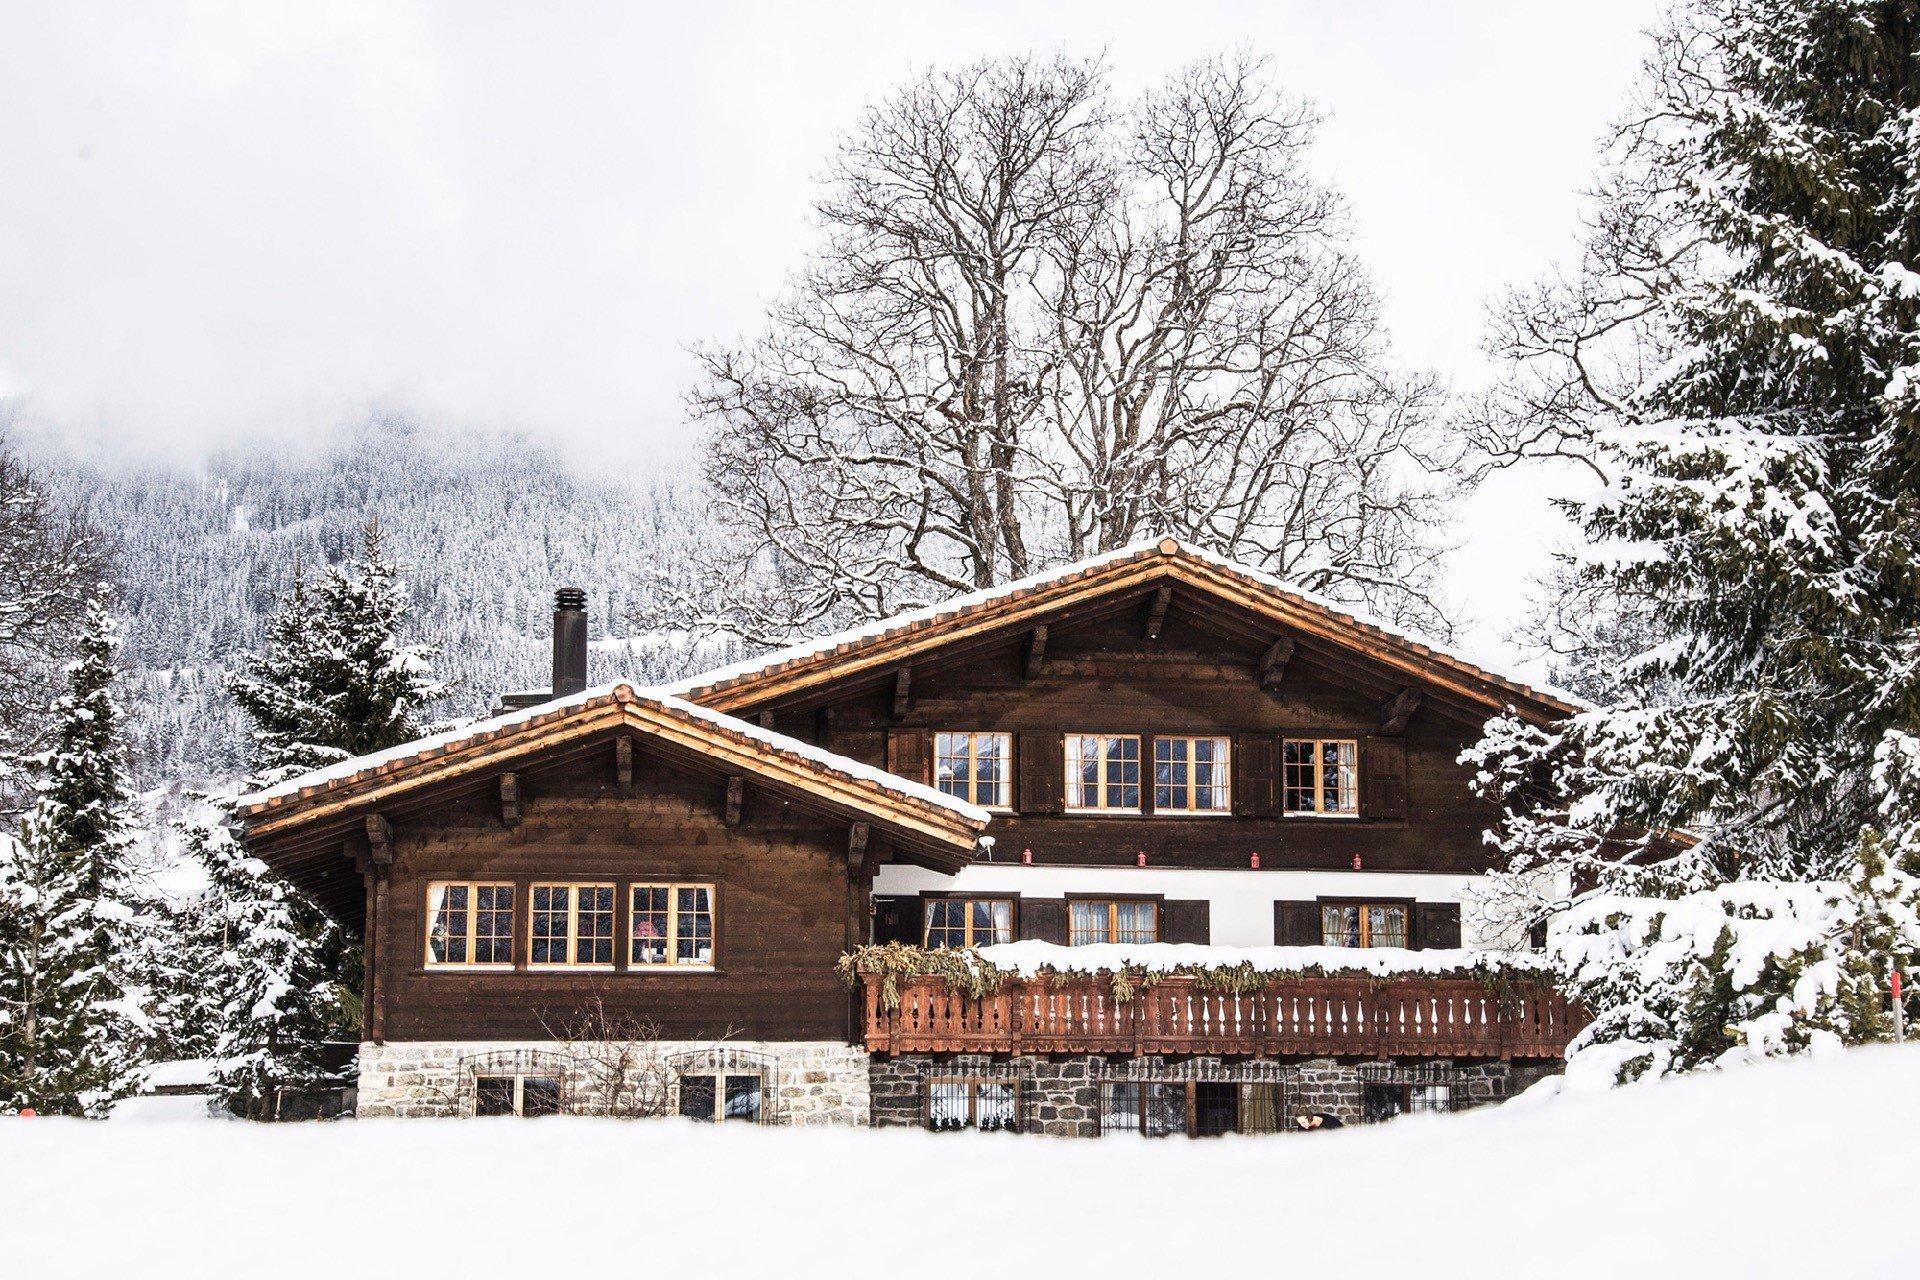 Klosters Chalet Maldeghem Switzerland